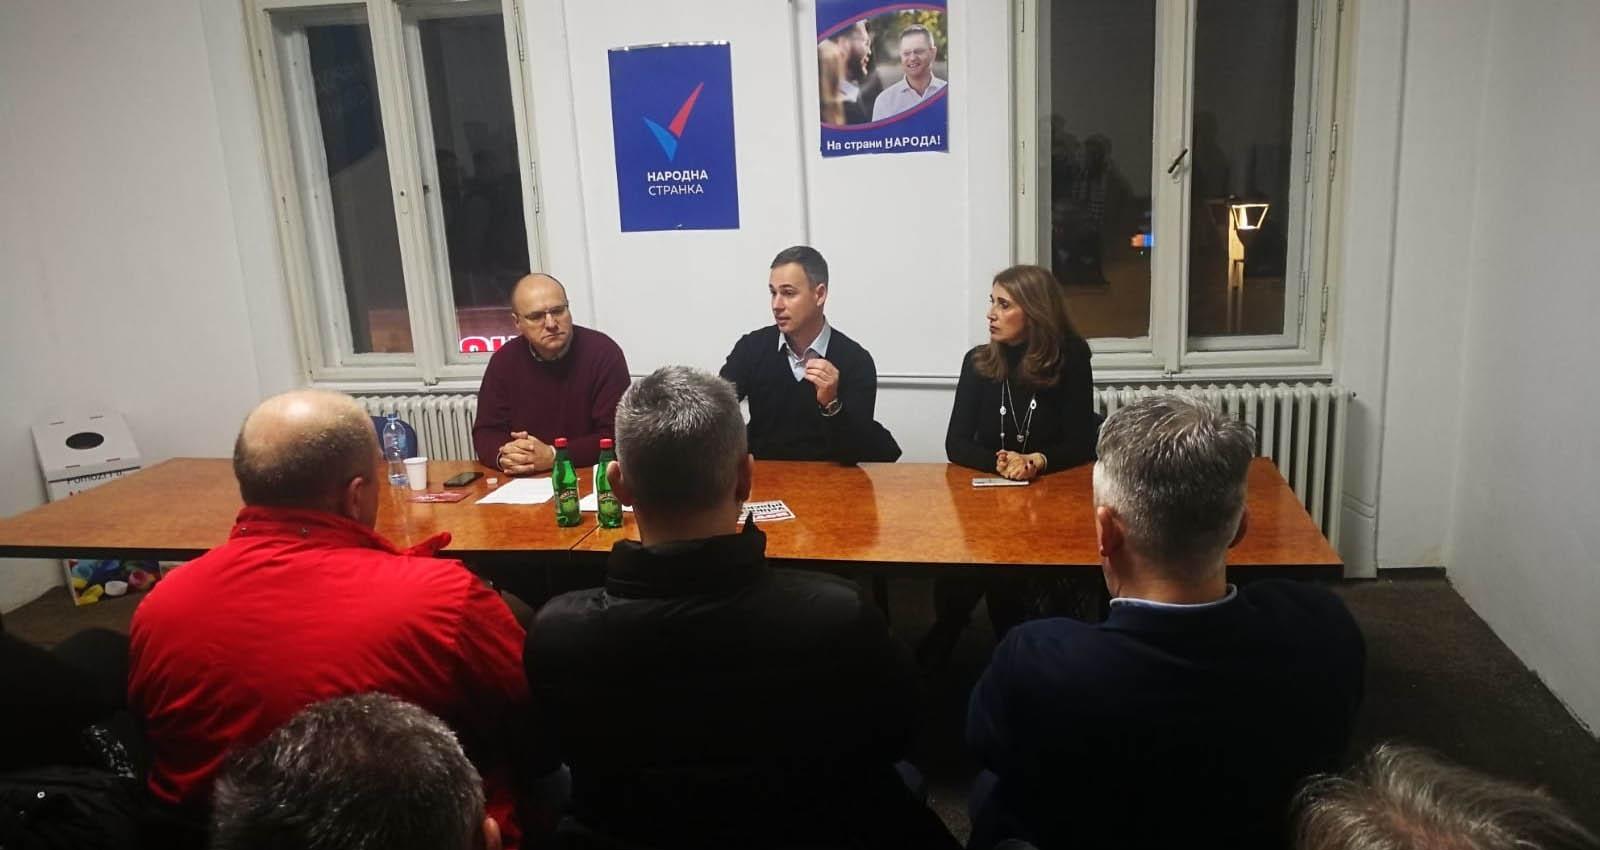 Алексић у Зрењанину: Излазак на изборе вратио би нас четири године уназад